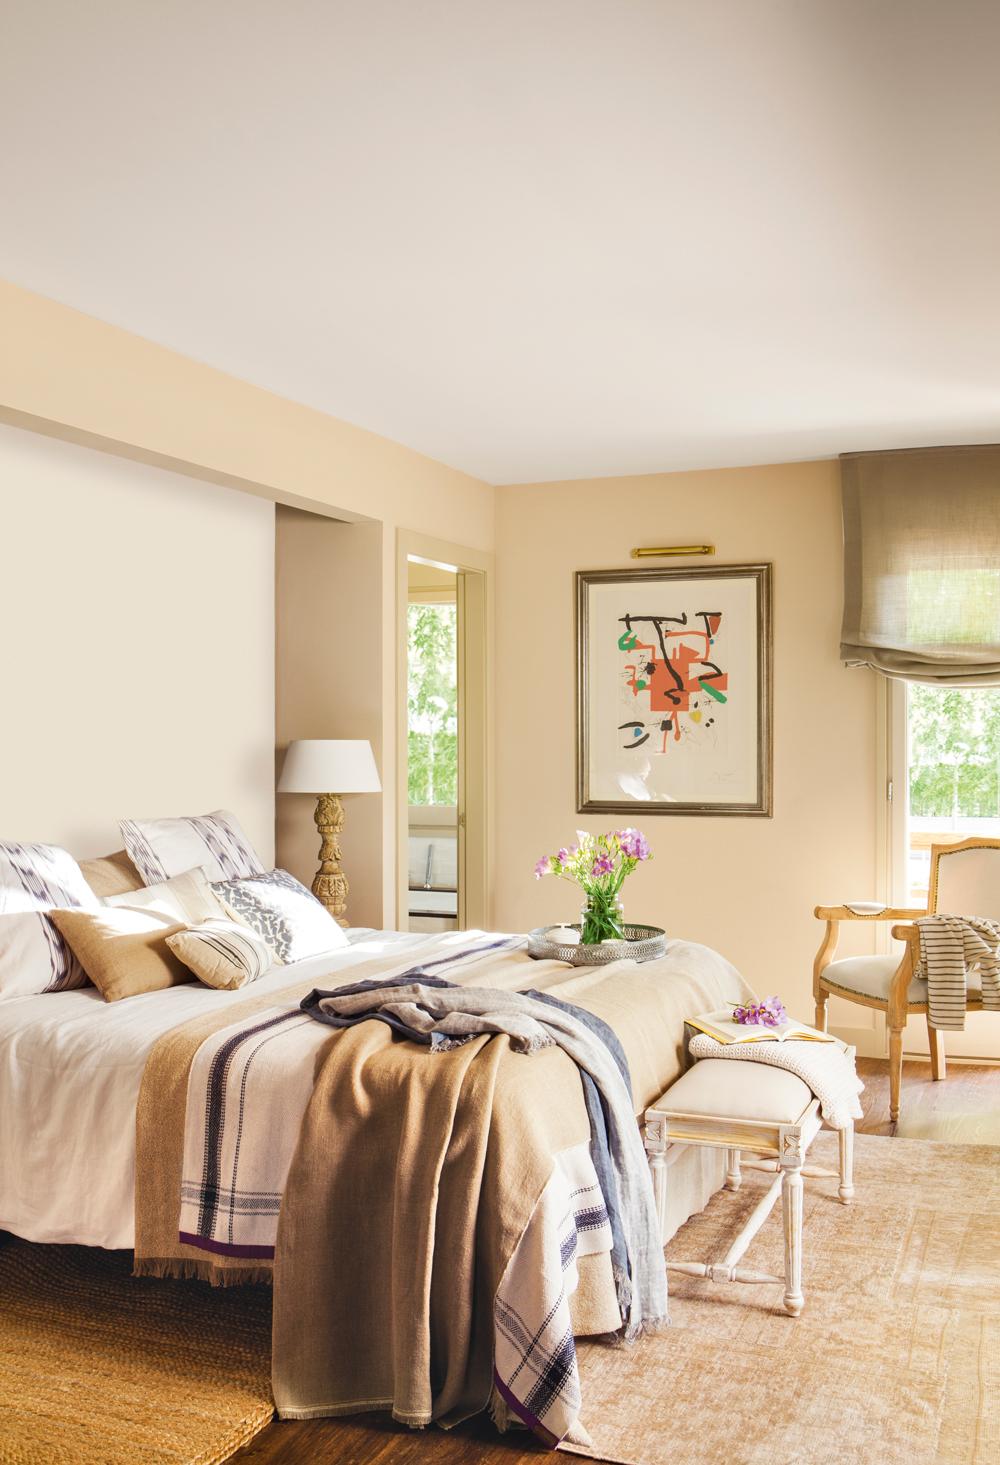 00408964. Dormitorio con paredes pintadas de distintos tonos beige, cuadro y ropa de cama en tostados 00408964